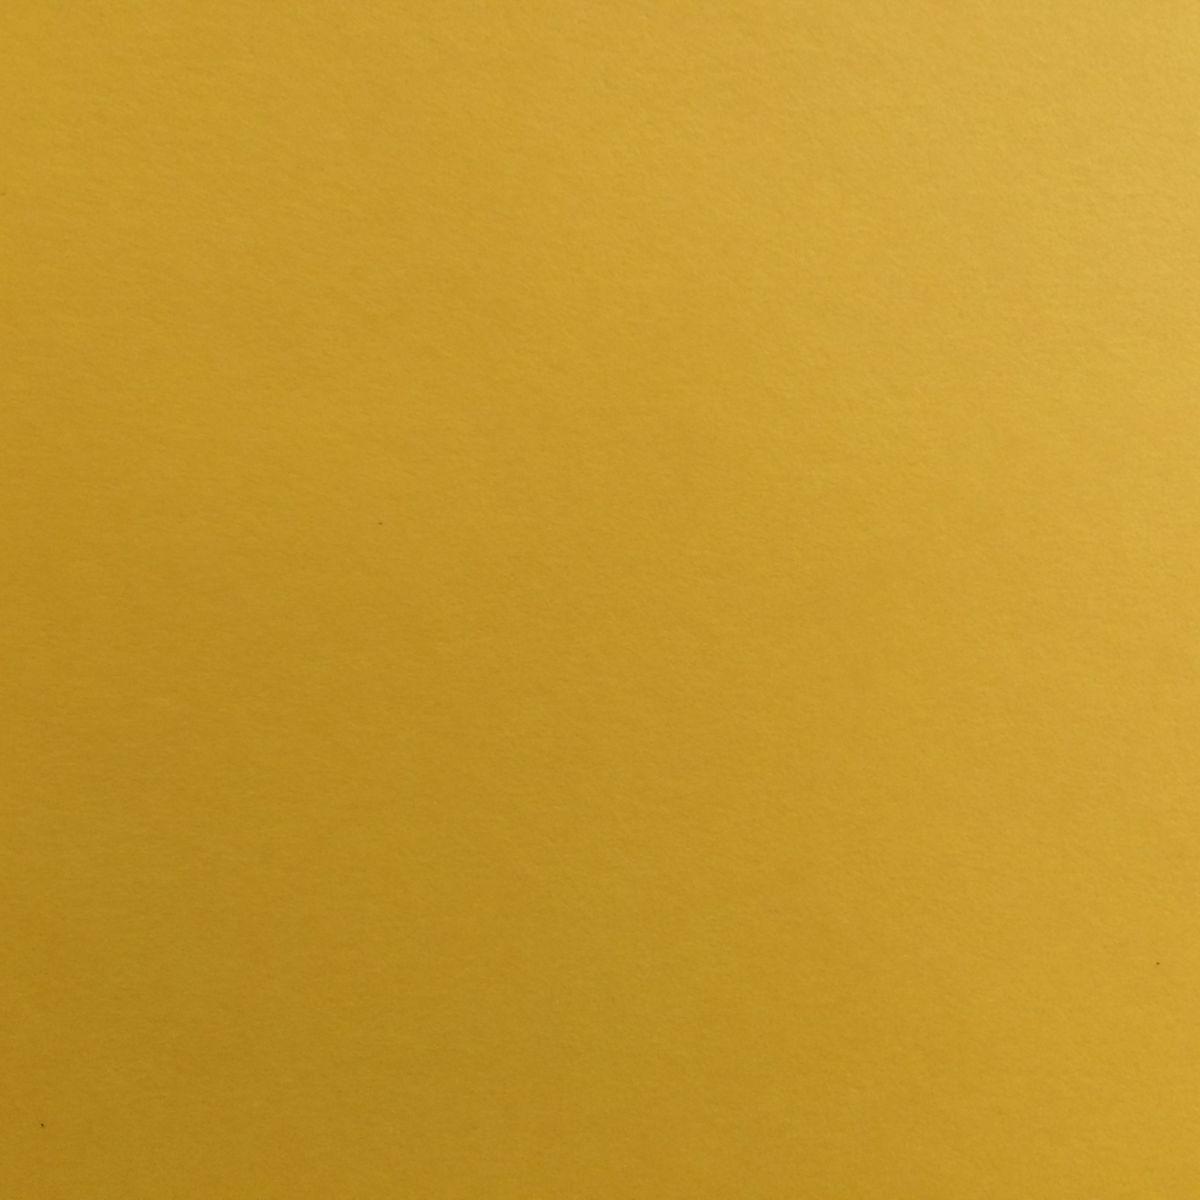 Палаццо Картон цветной цвет желтый 50 листов161207Картон цветной тонированный прокрашенный в массе. Плотность 200 г/м2, формат А3, .297х420, 50 листов, цвет желтый